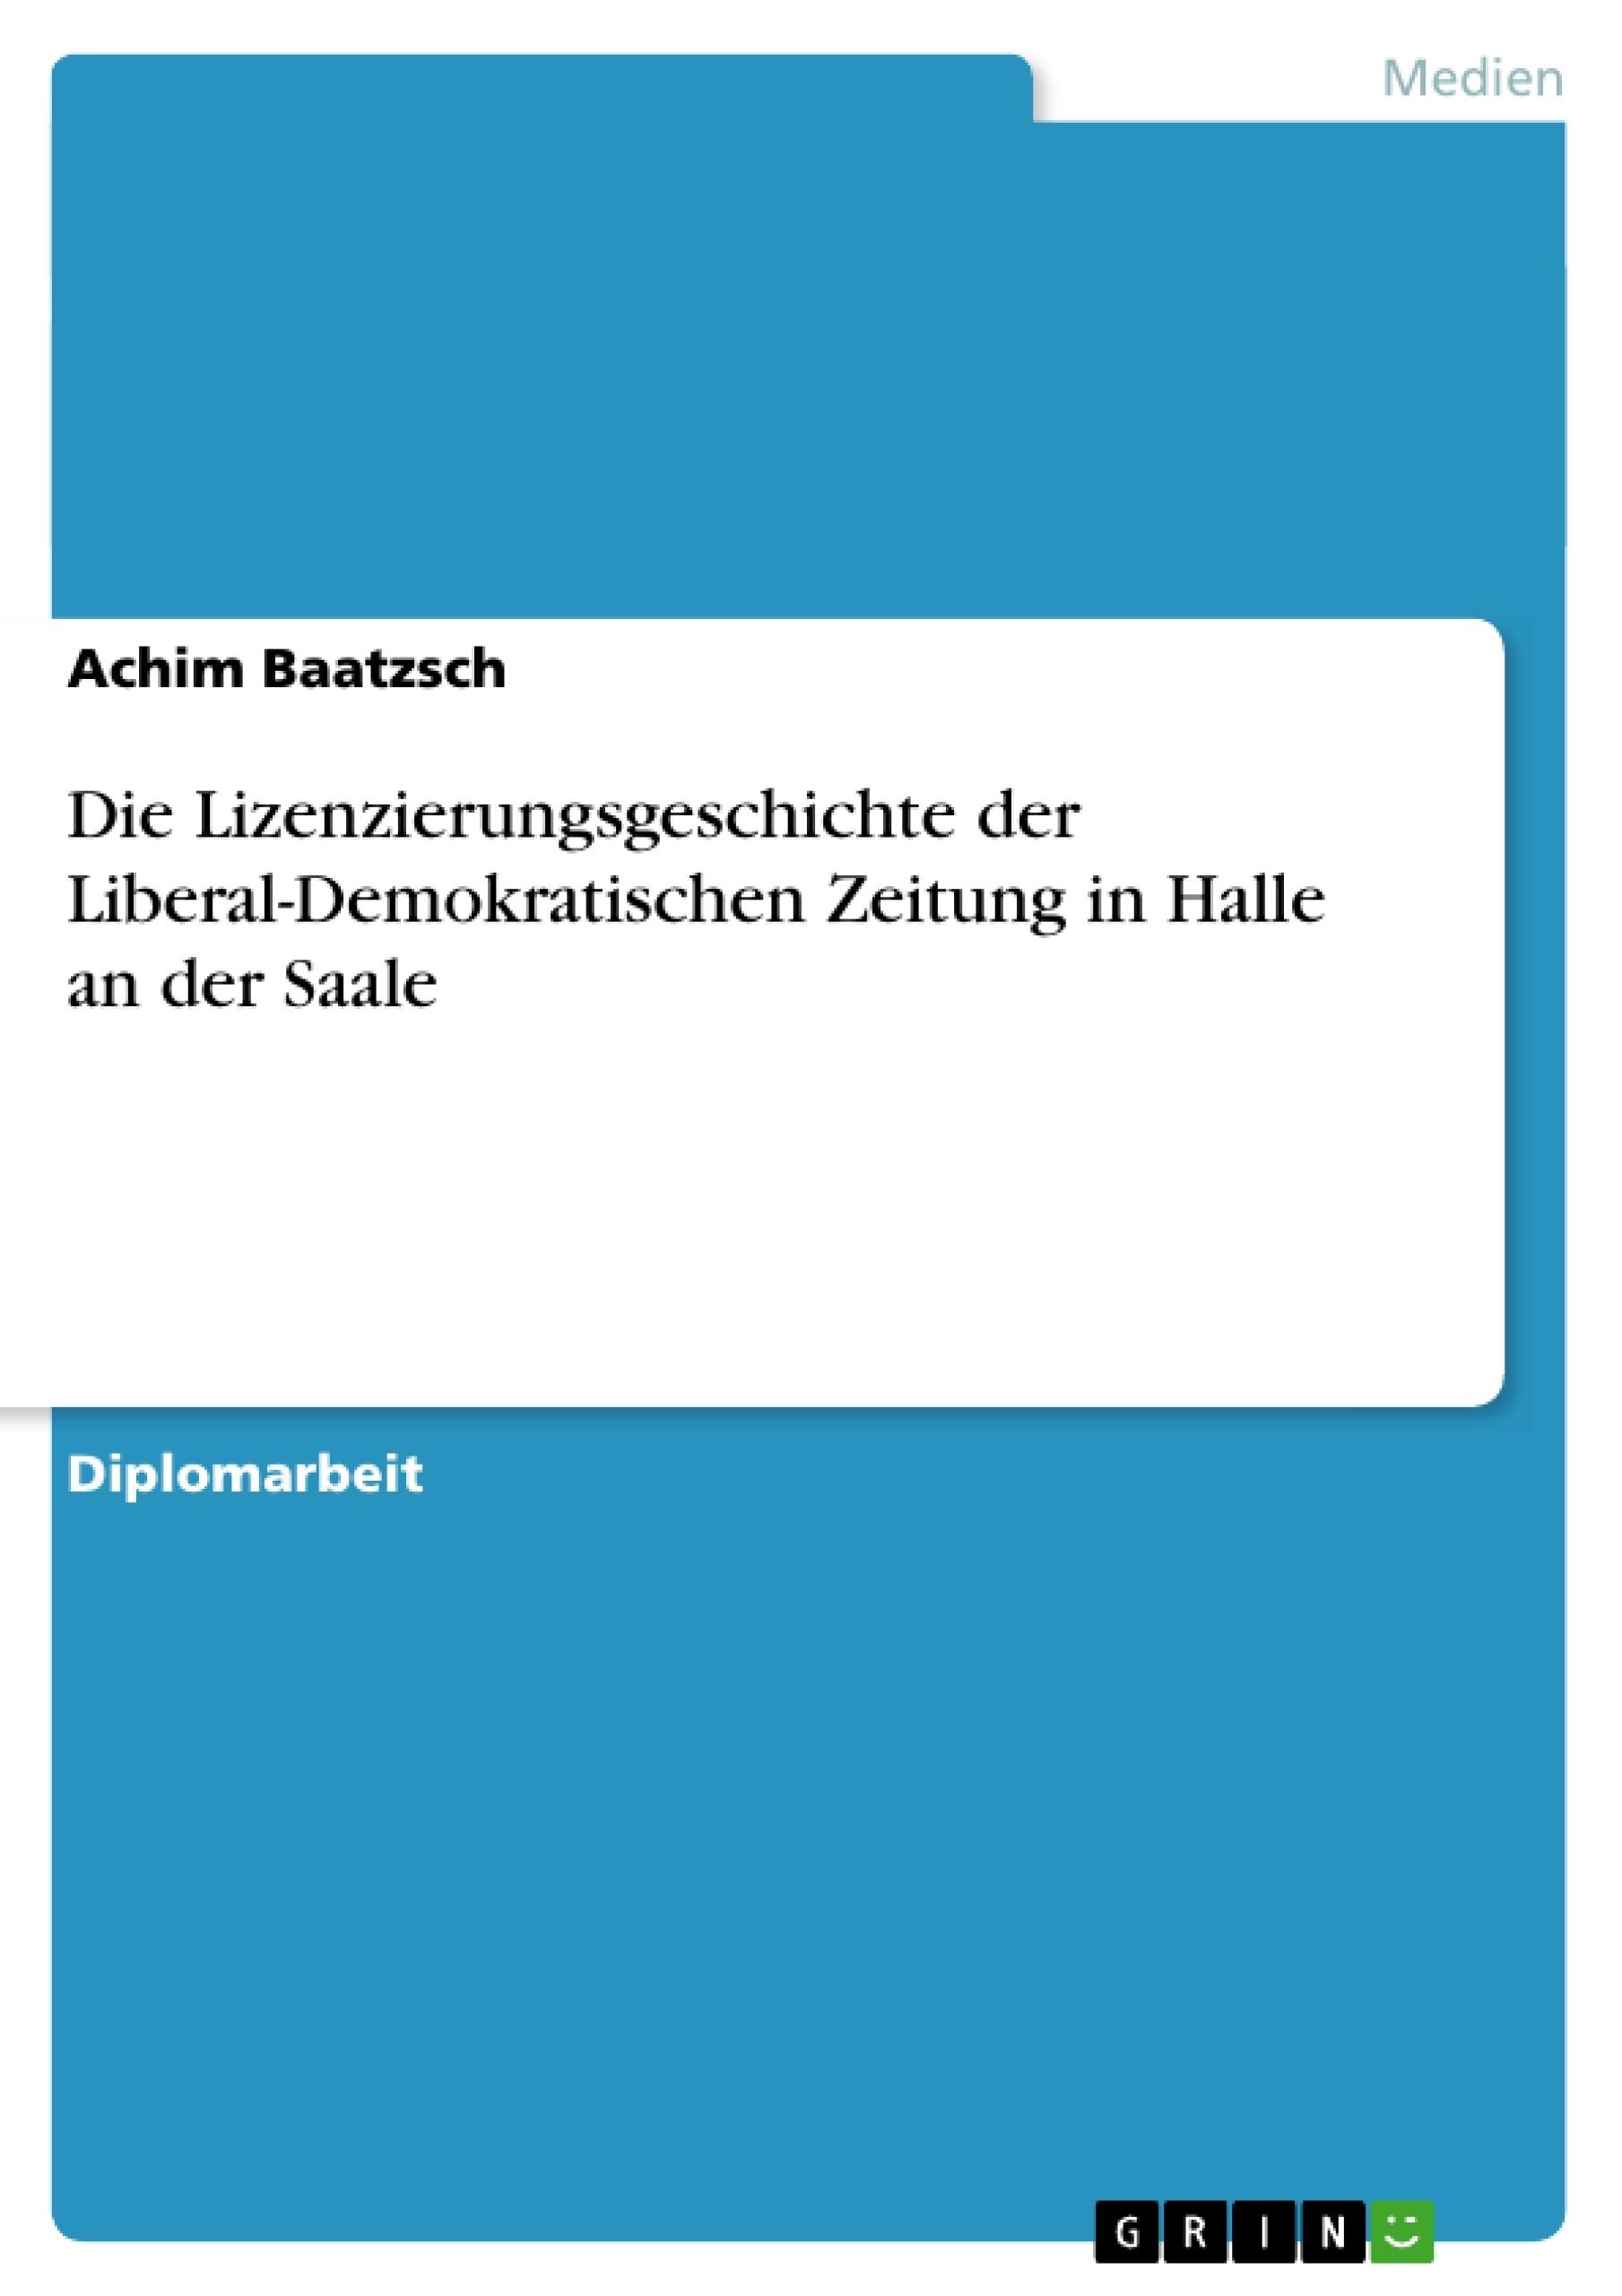 Titel: Die Lizenzierungsgeschichte der Liberal-Demokratischen Zeitung in Halle an der Saale